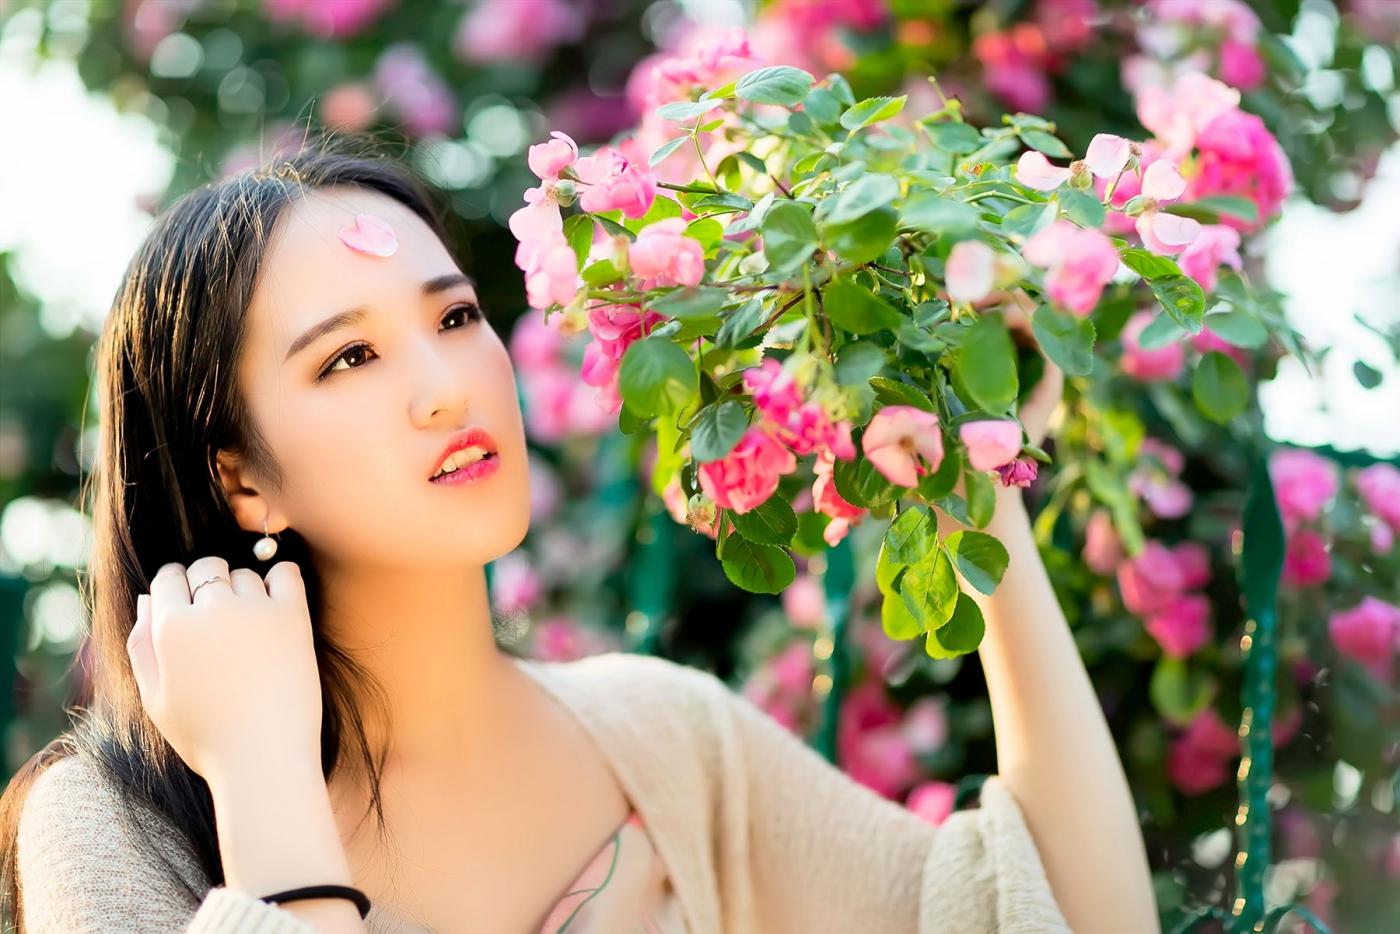 蔷薇·阳光·女孩 去见你想见的人吧_图1-19